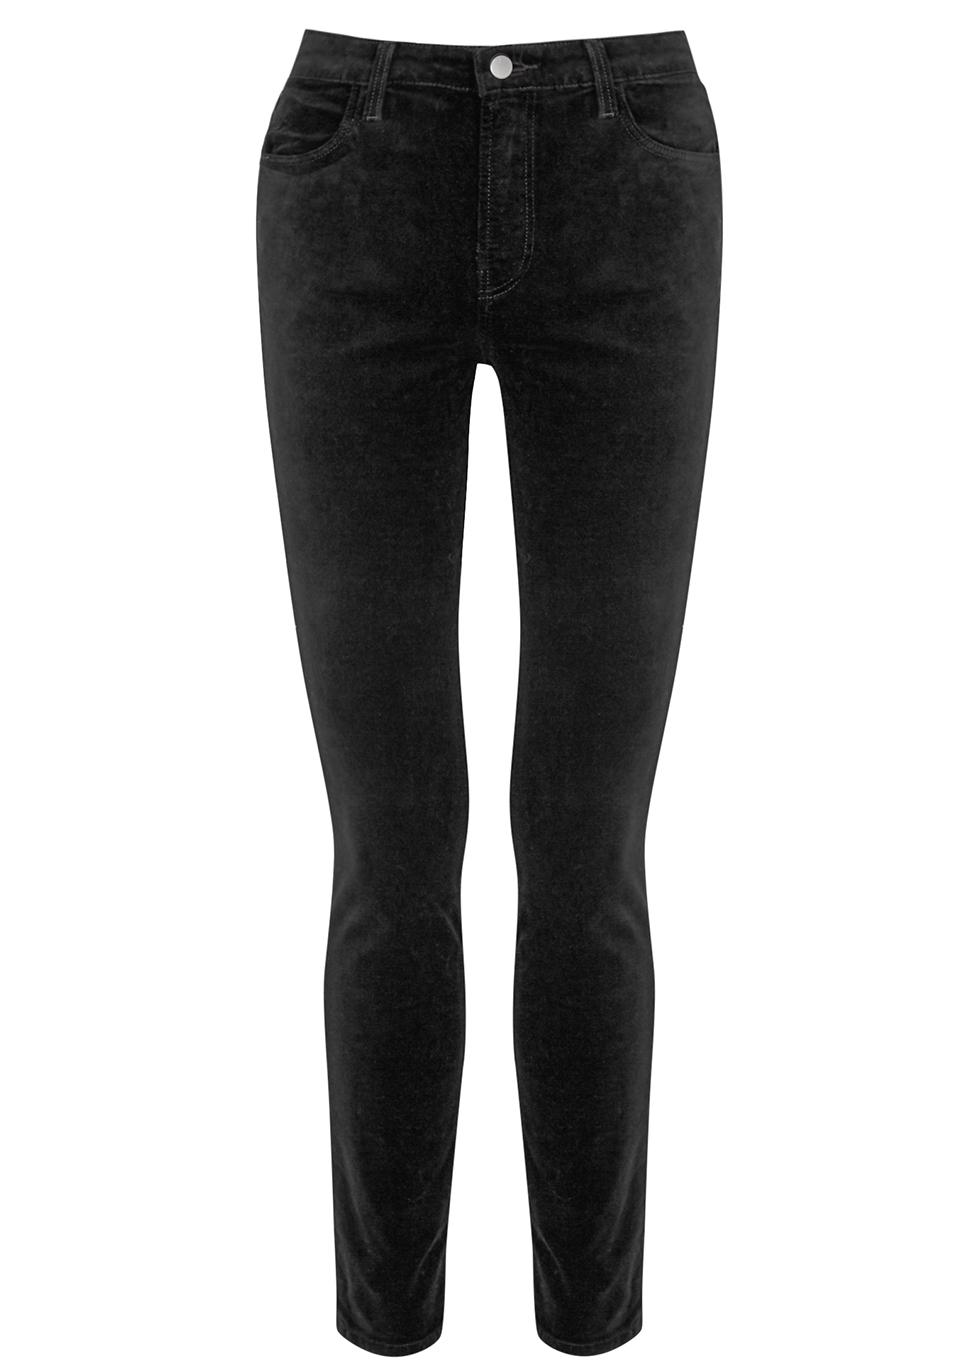 Maria black velvet skinny jeans